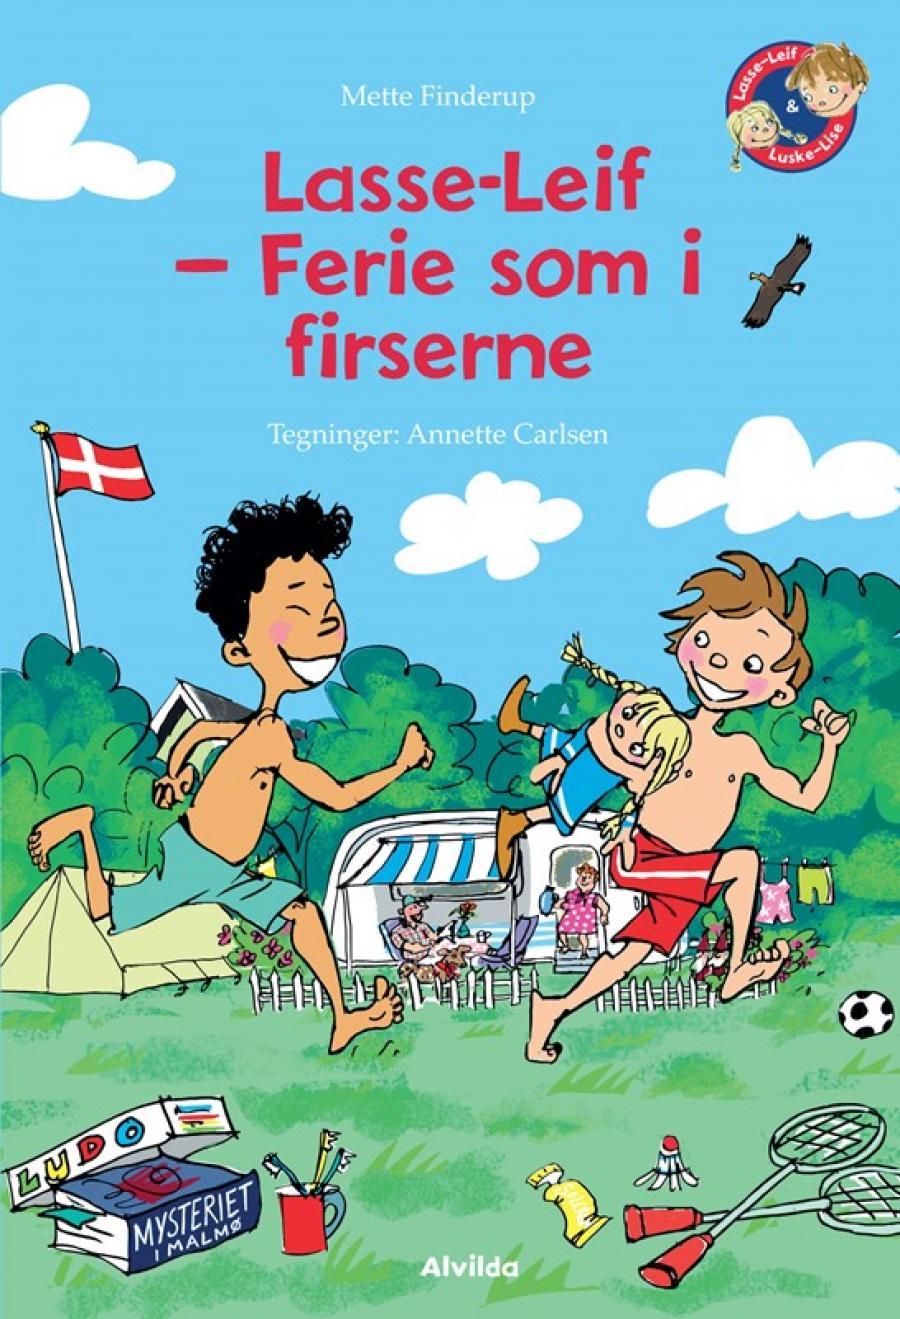 Forsiden af Lasse-Leif - ferie som i firserne